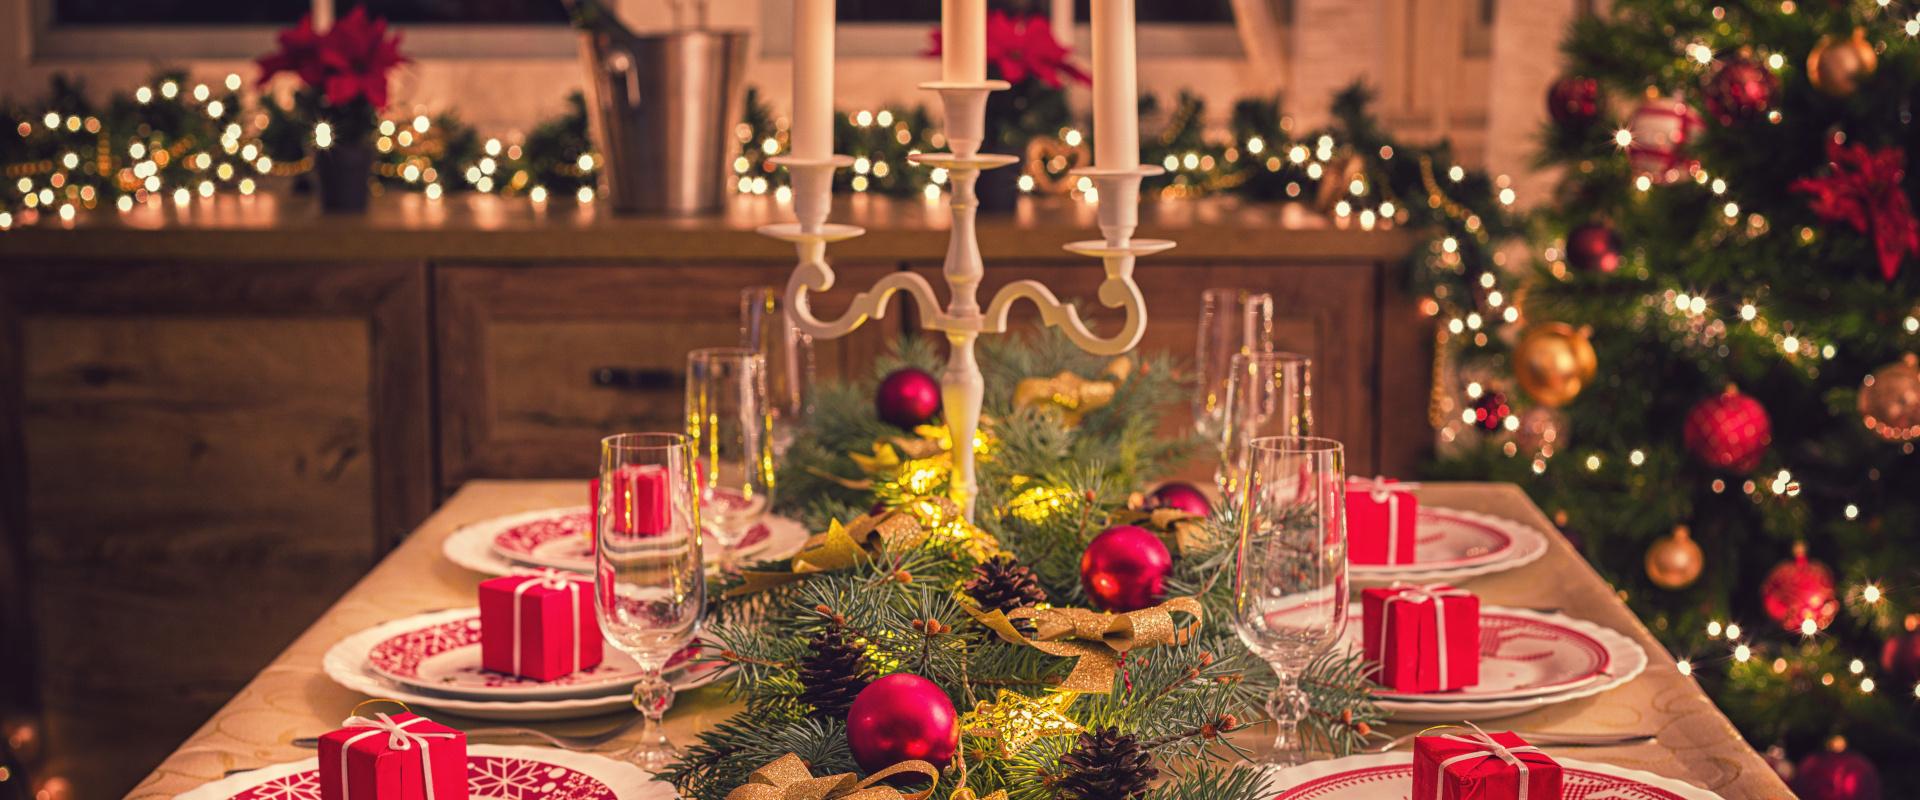 karácsonyi ünnepi asztal cover